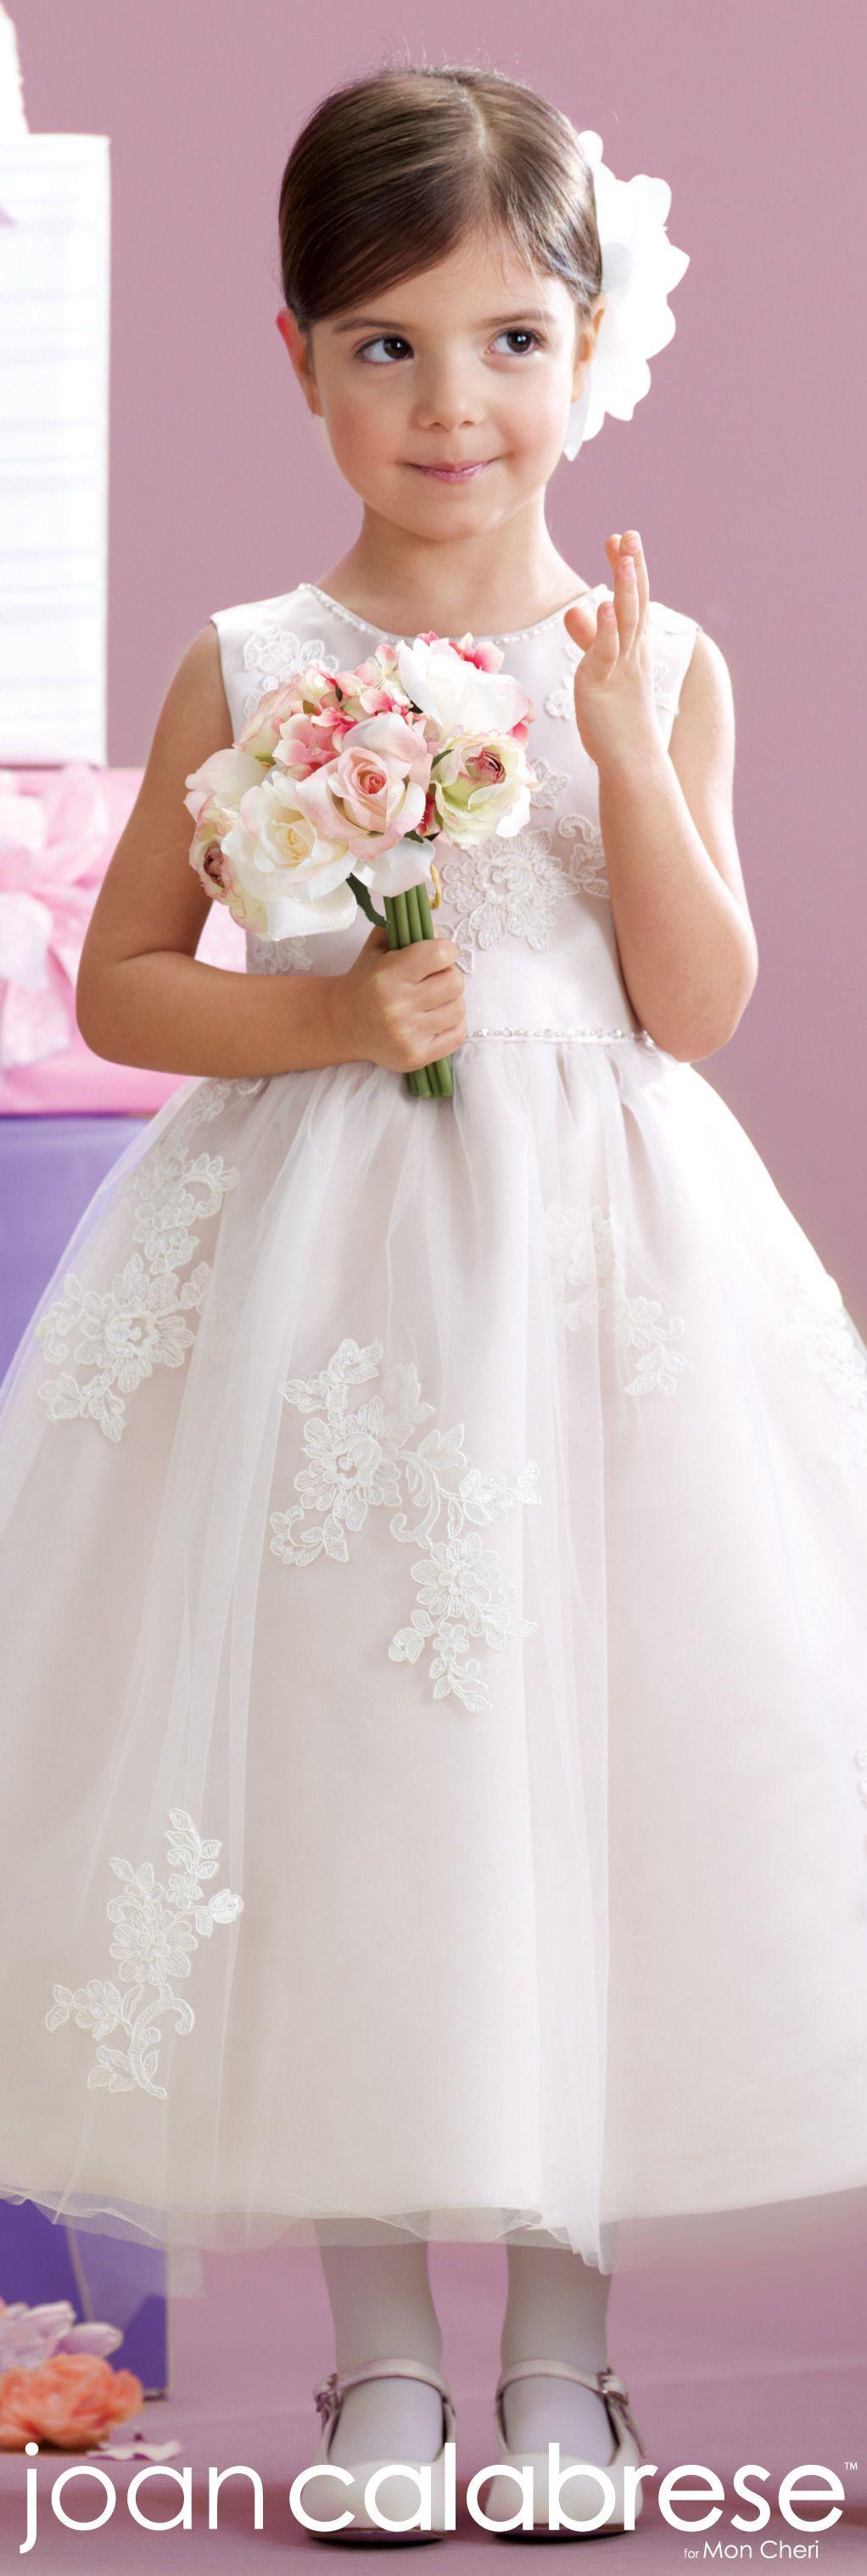 Joan calabrese flower girl dresses girls dresses flower girl